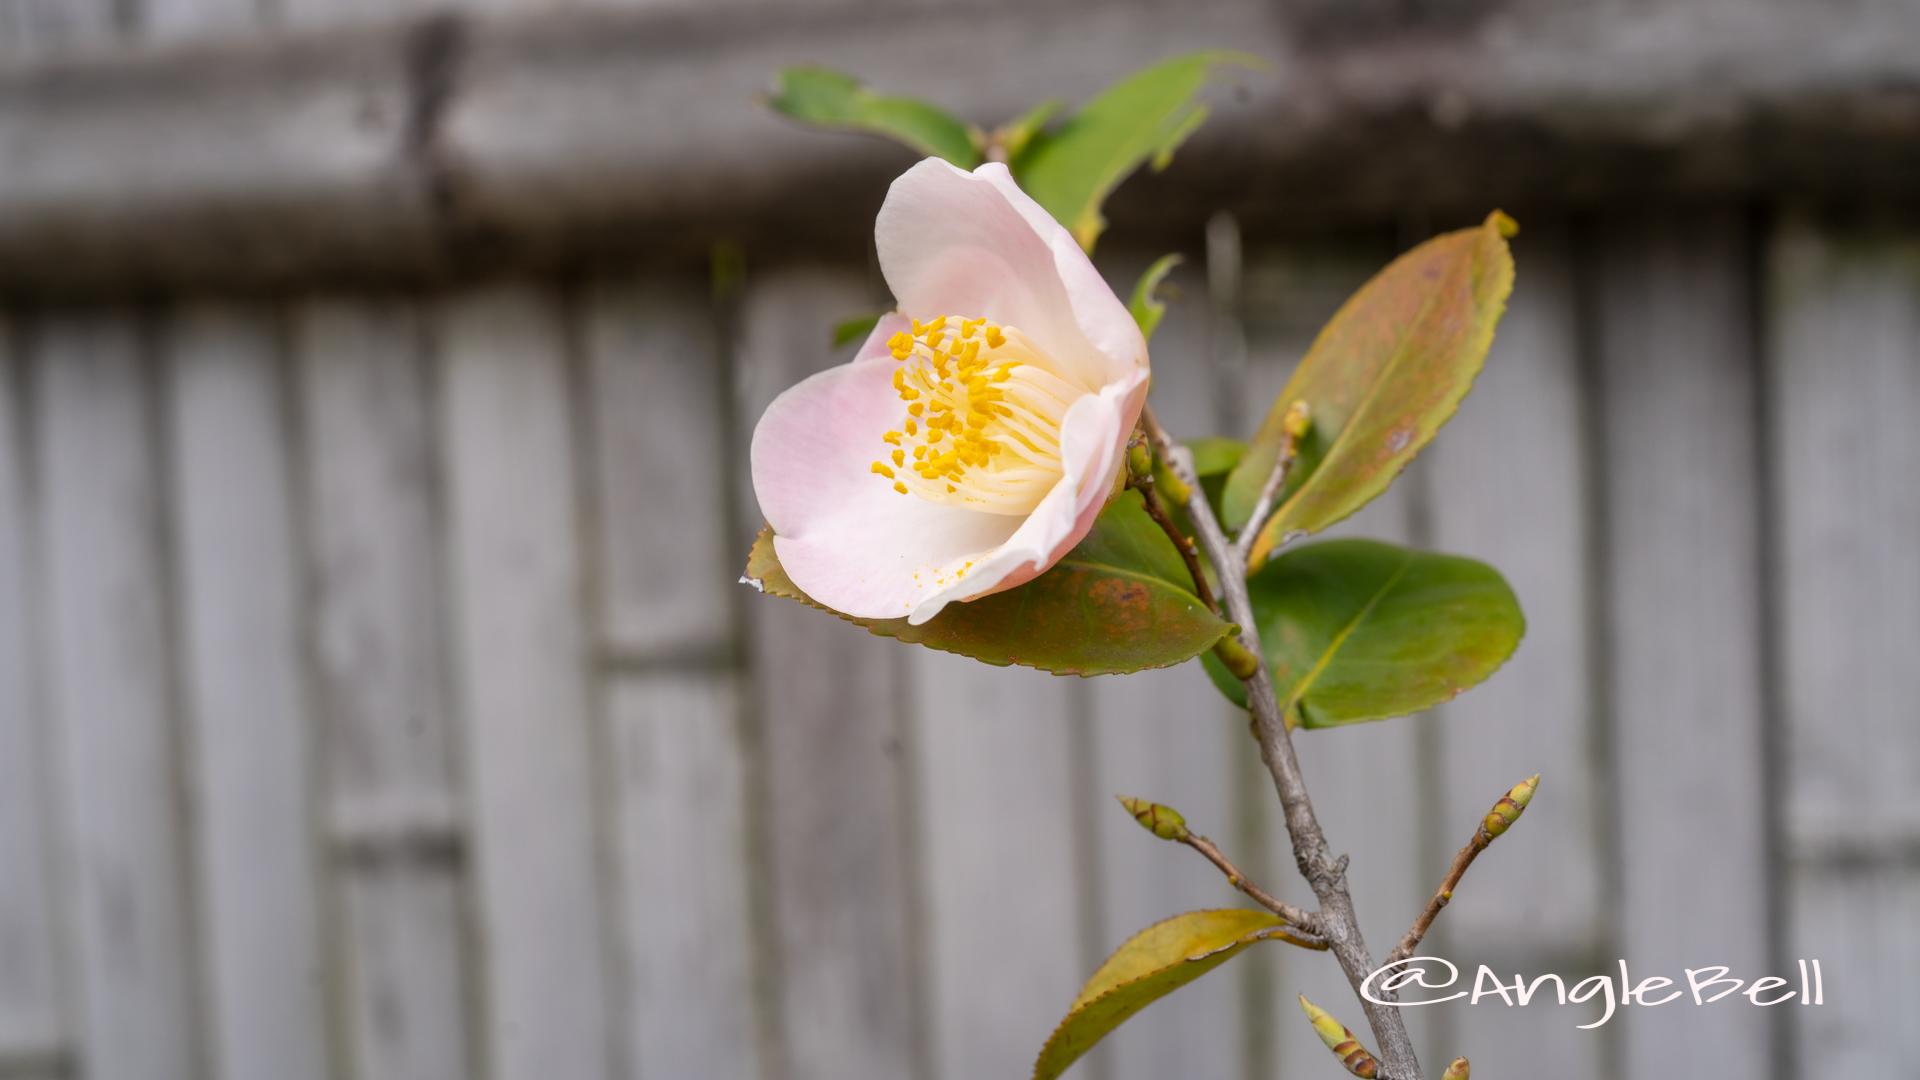 匂い椿 舞姫 (椿) Flower Photo2